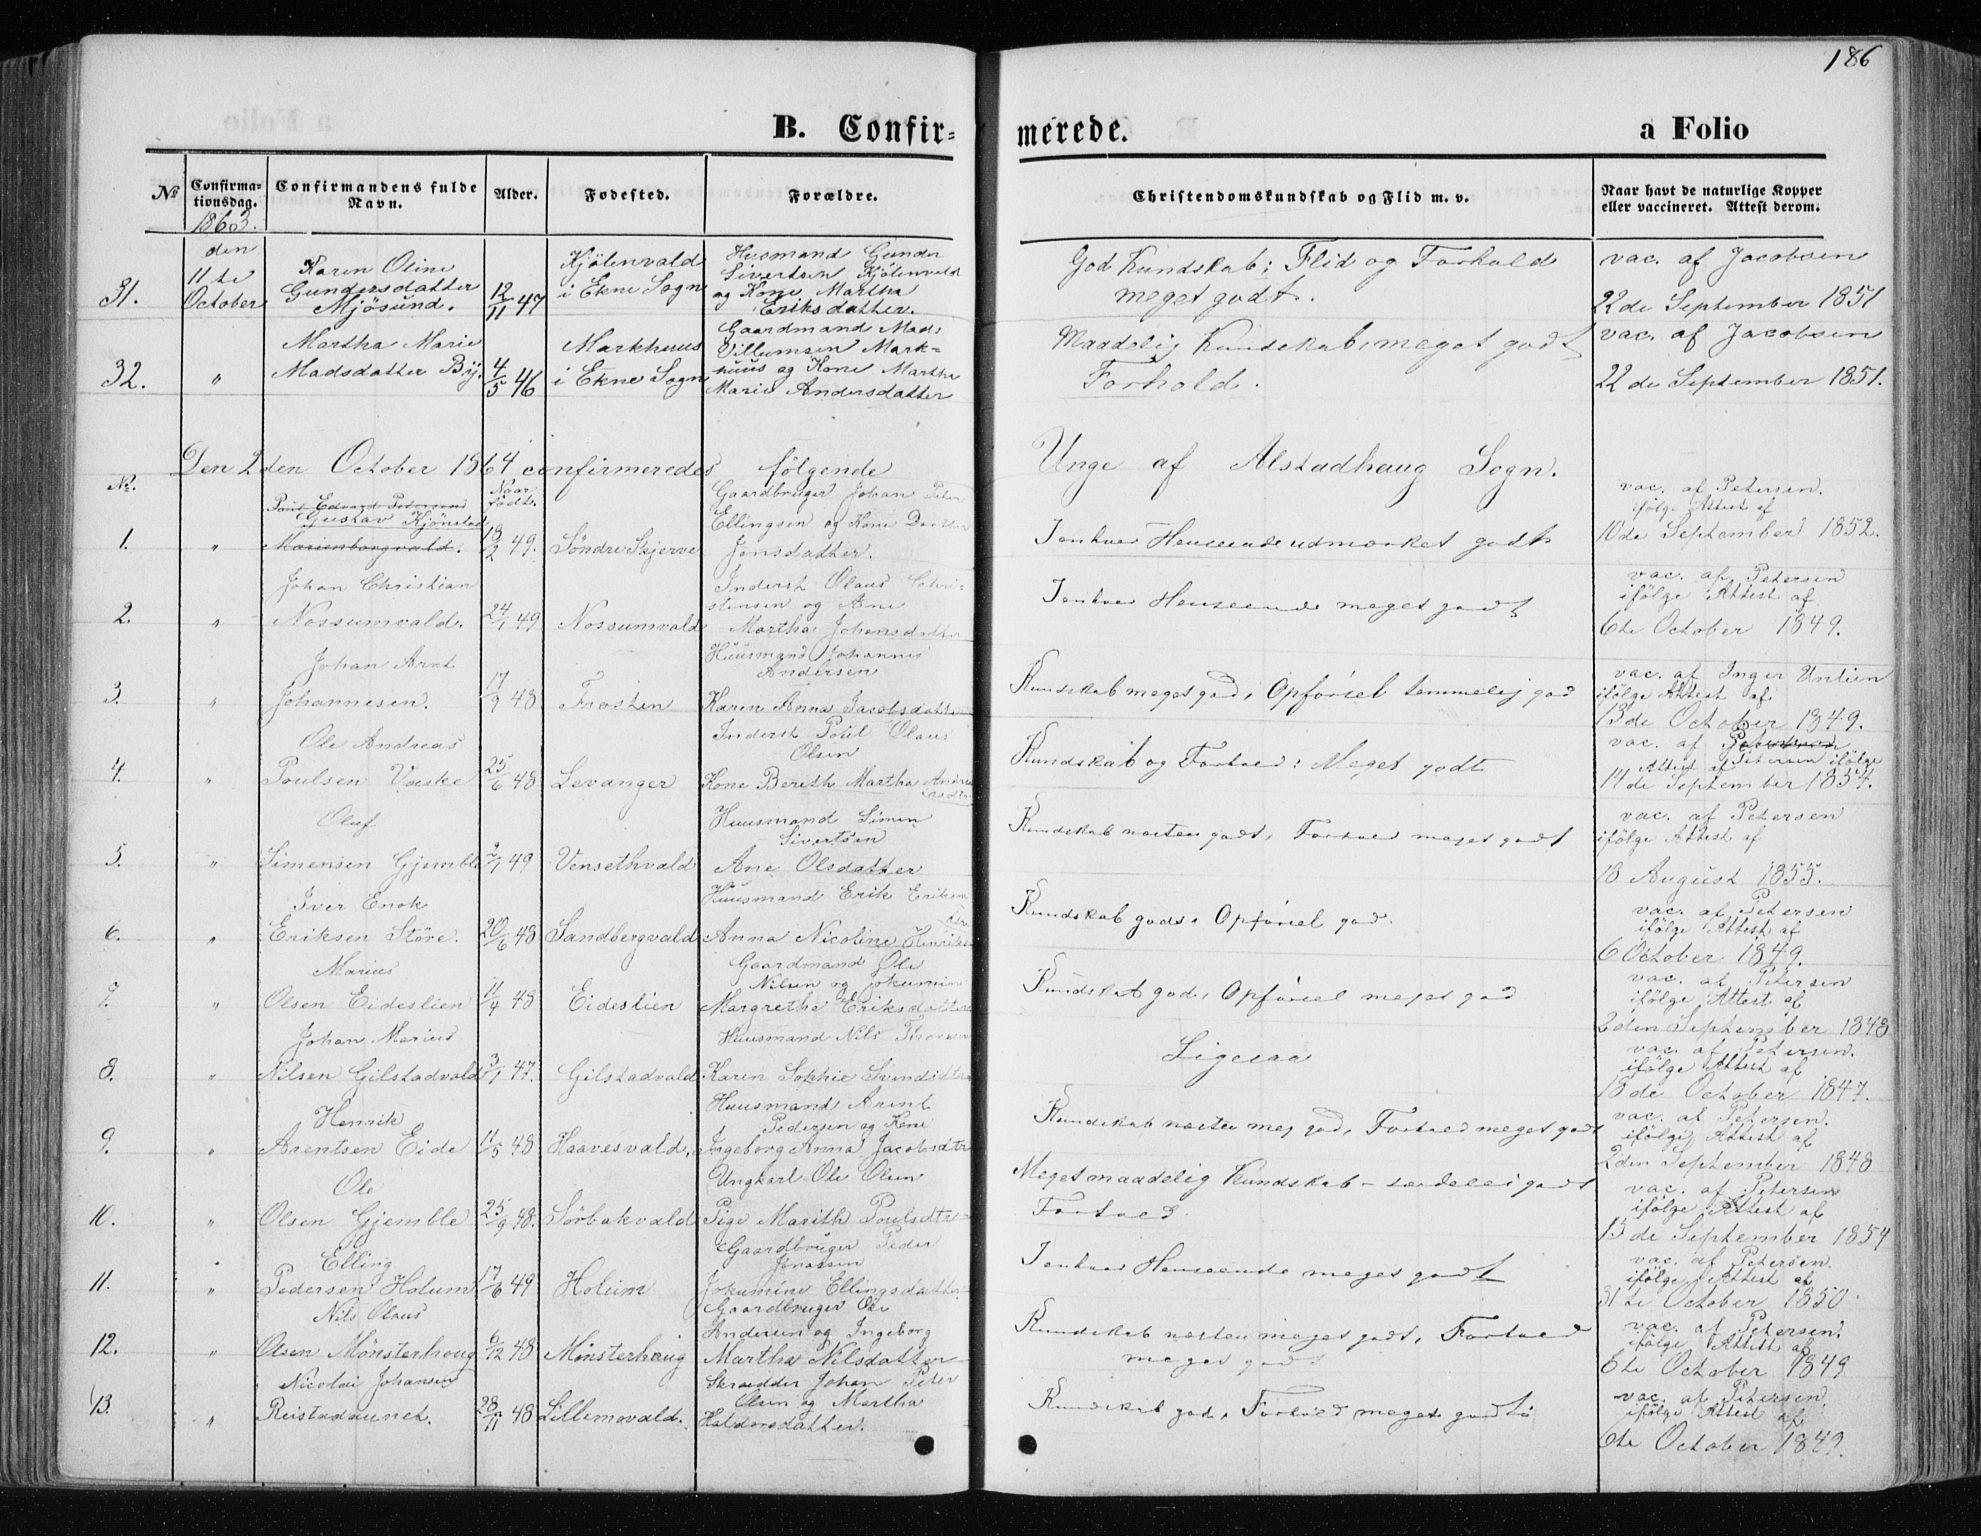 SAT, Ministerialprotokoller, klokkerbøker og fødselsregistre - Nord-Trøndelag, 717/L0157: Ministerialbok nr. 717A08 /1, 1863-1877, s. 186